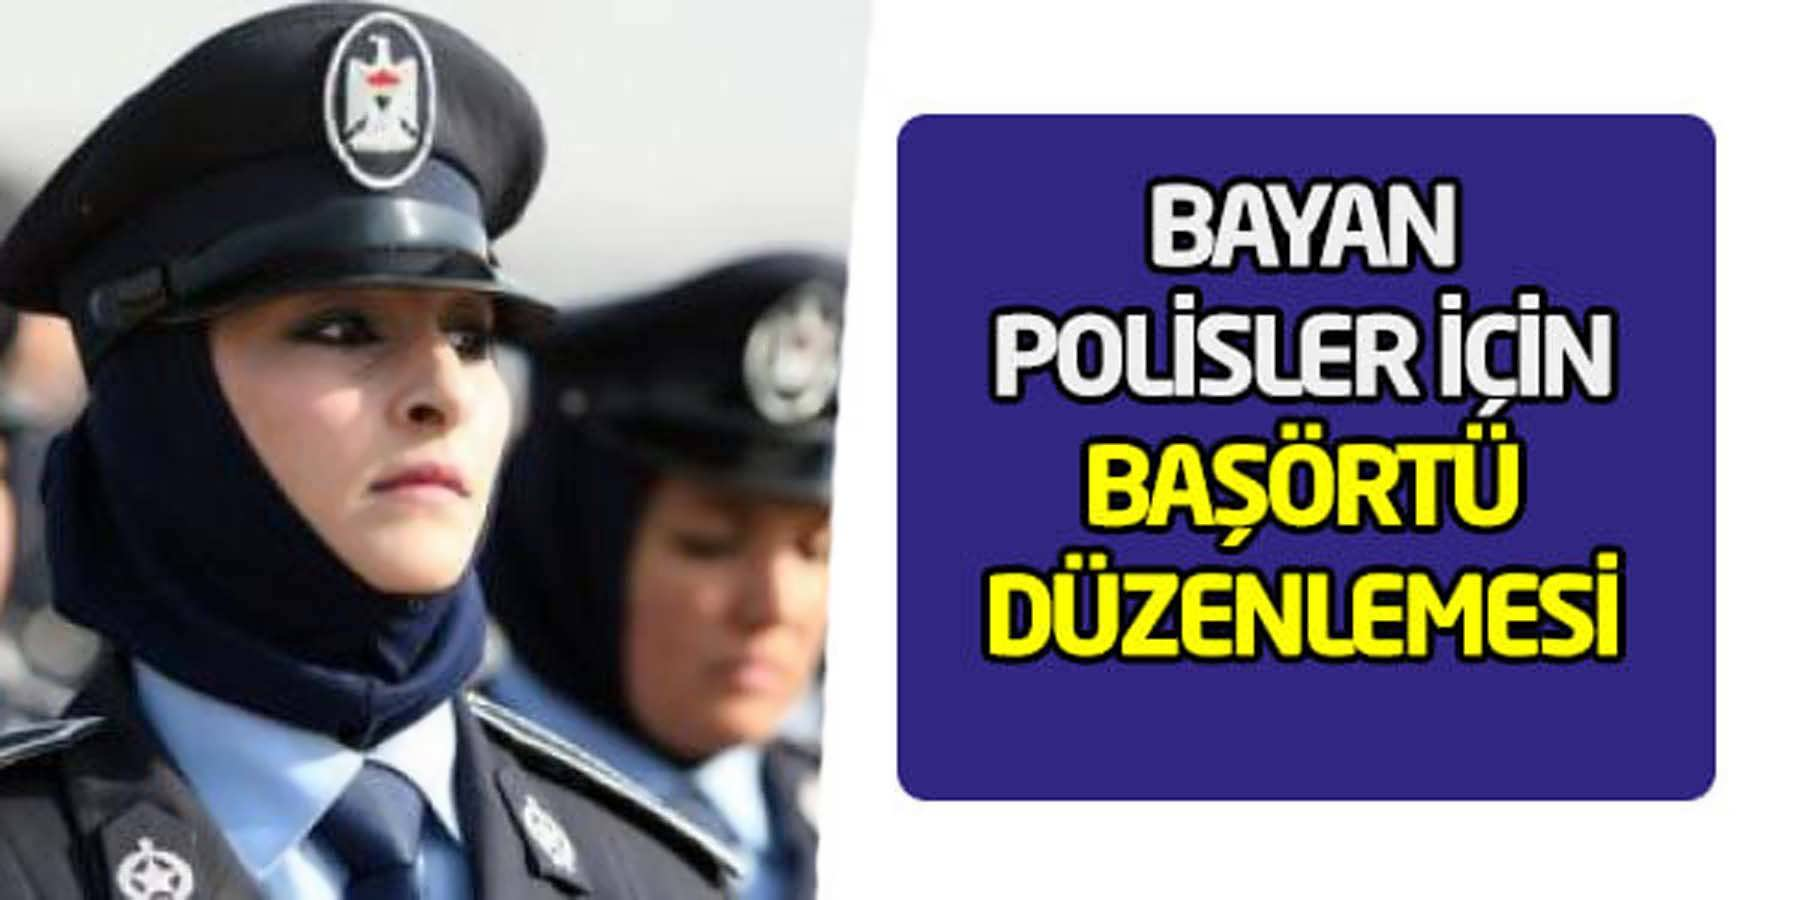 Bayan Polislere Başörtü Düzenlemesi